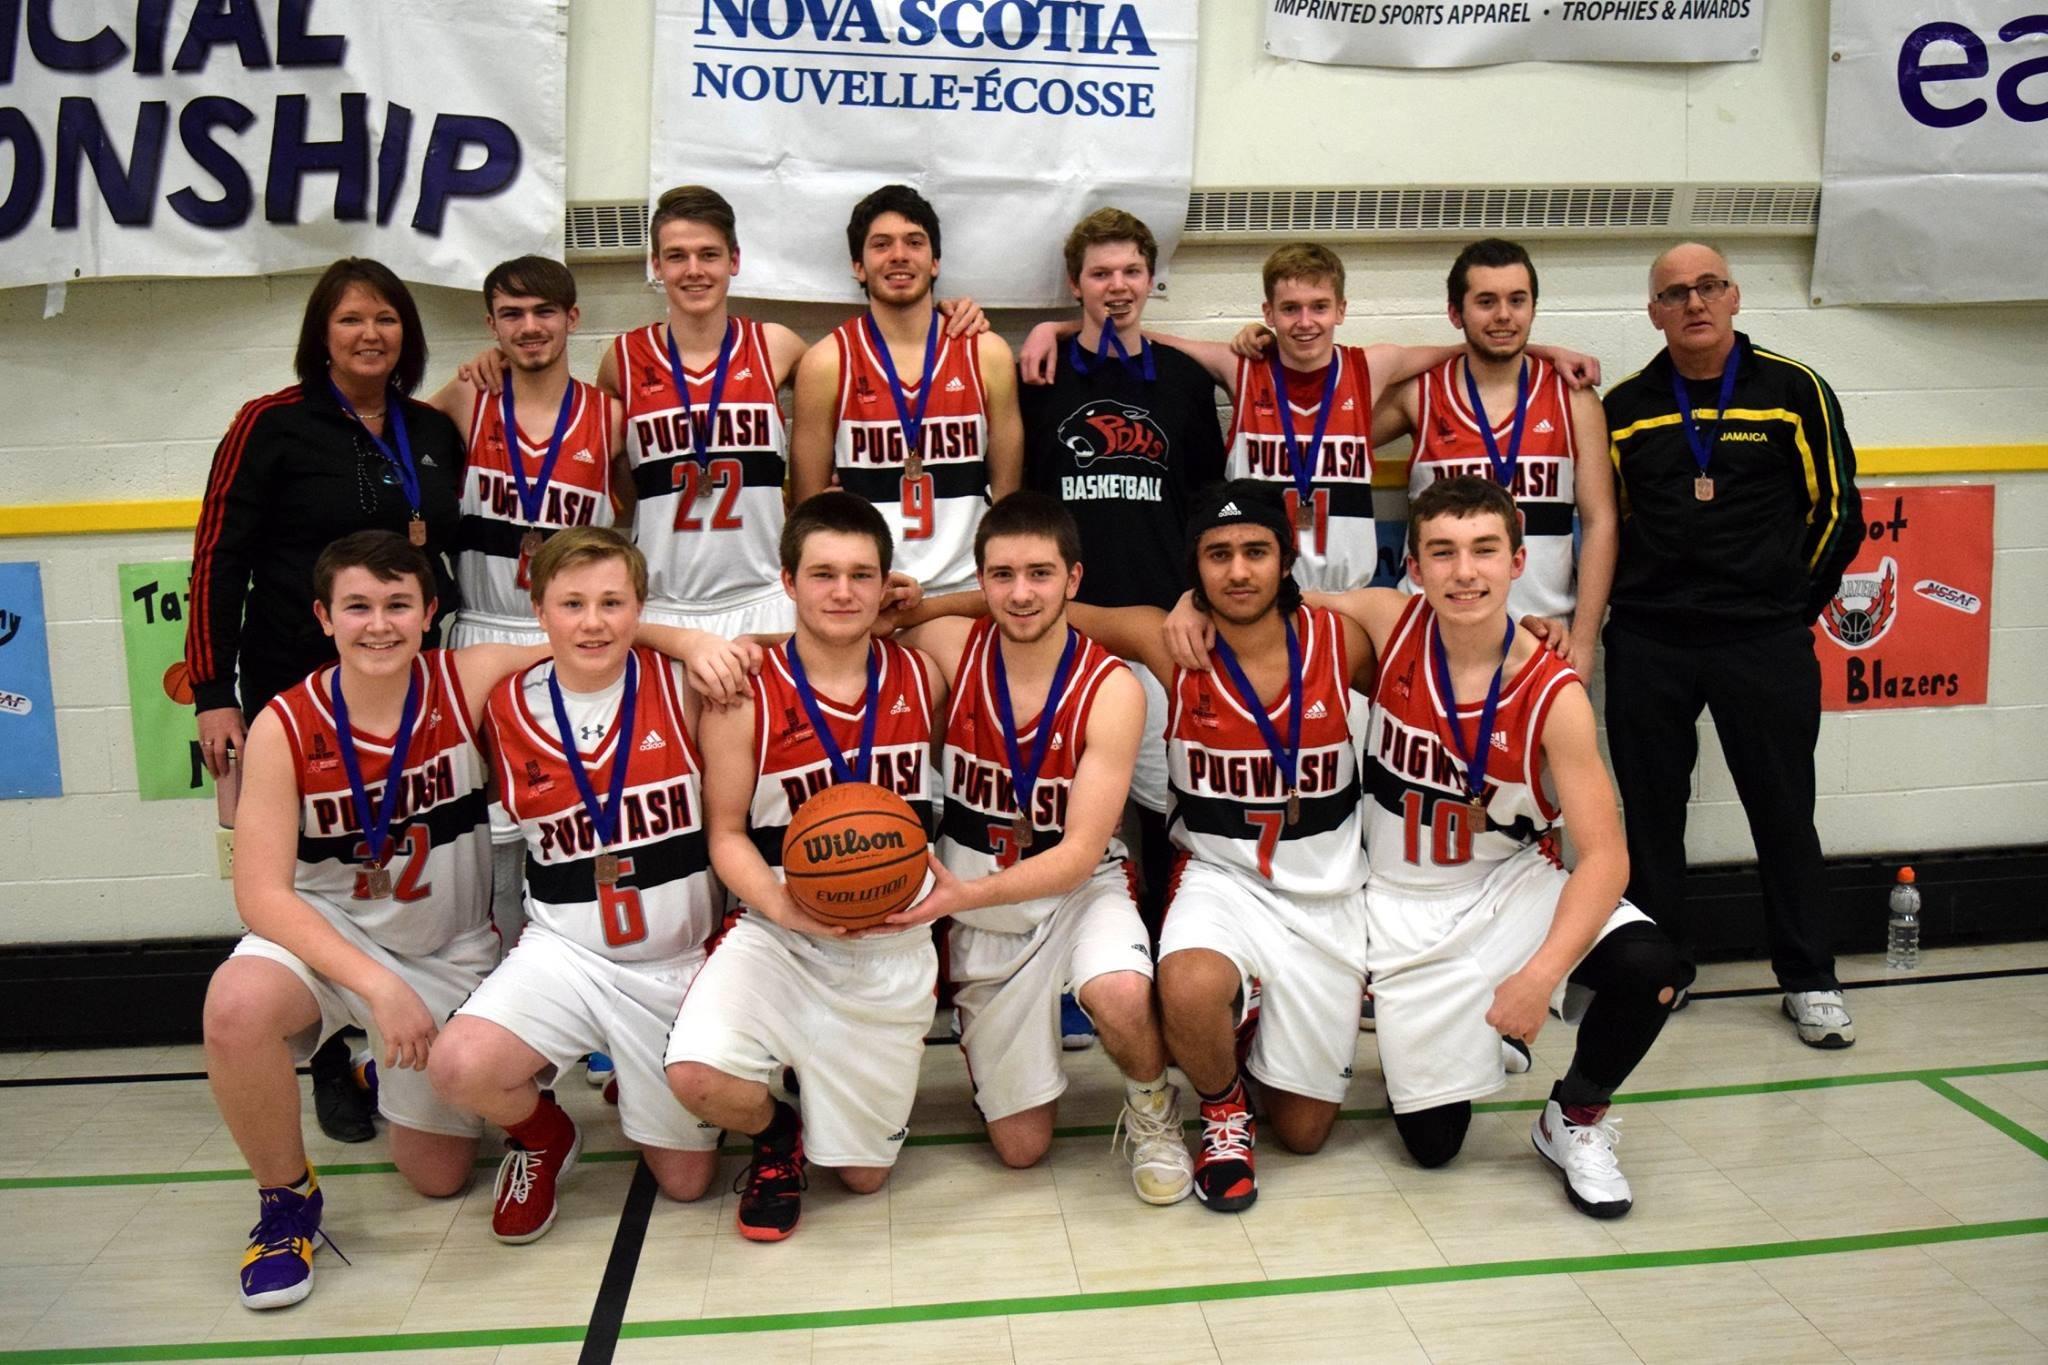 High School Canada sports